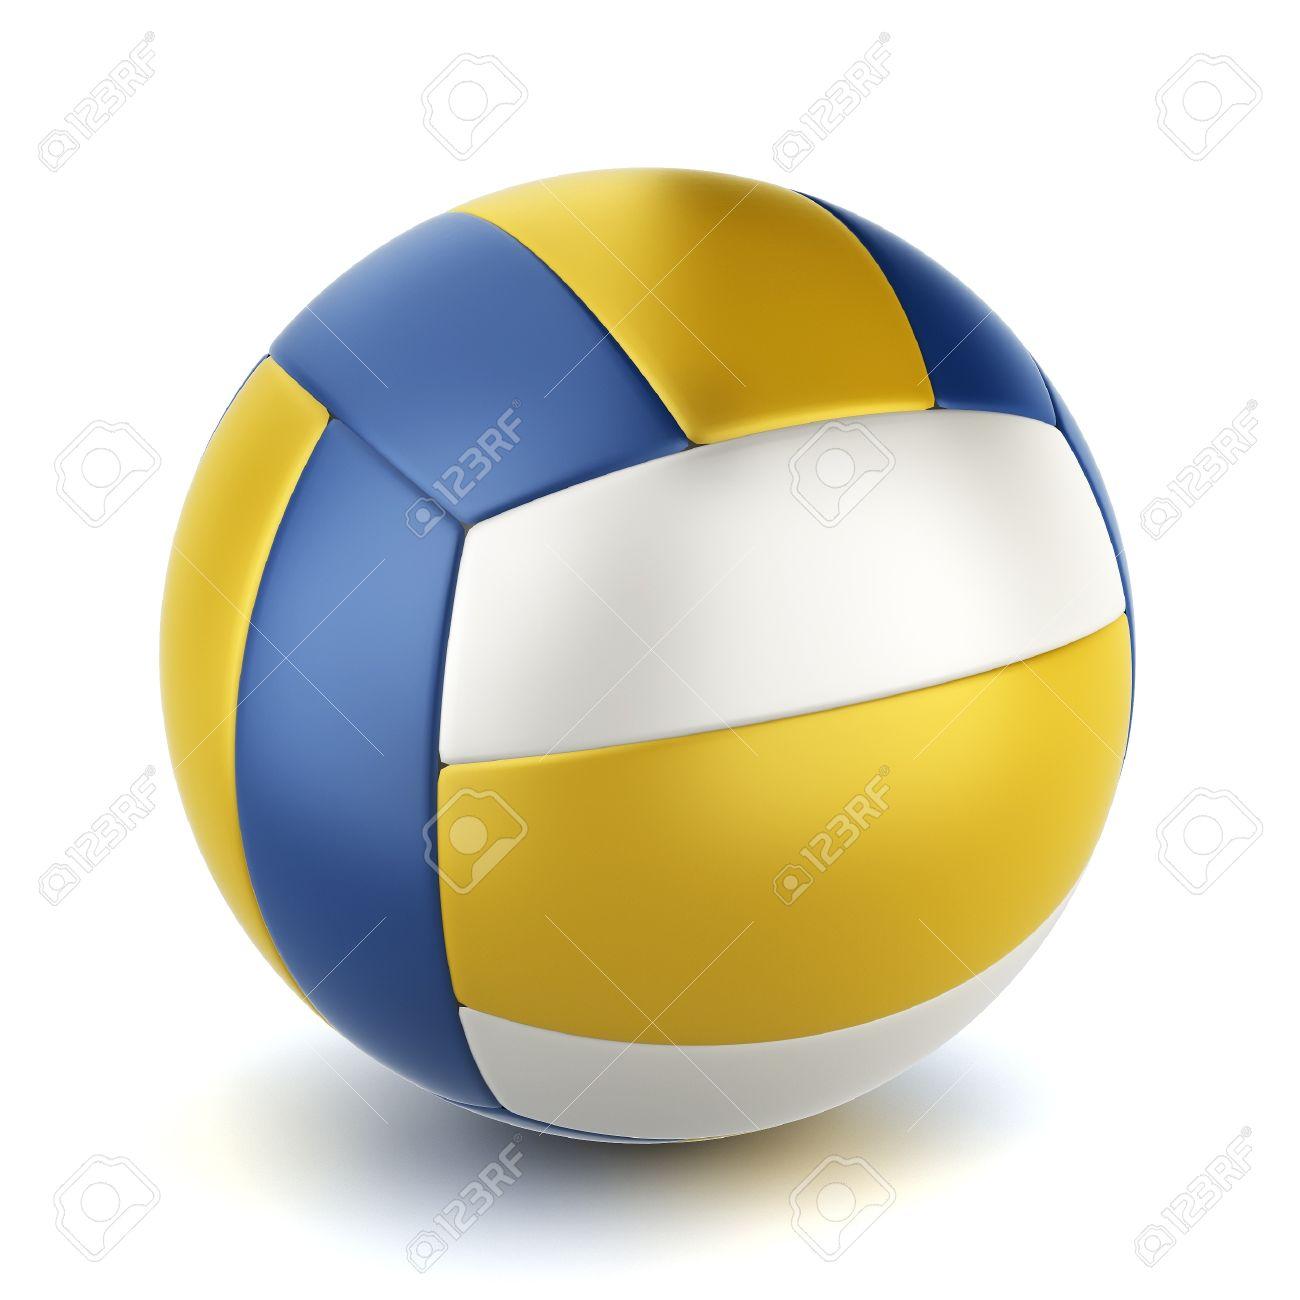 9a1374dee Bola de voleibol. Ilustración 3D sobre fondo blanco Foto de archivo -  18853433